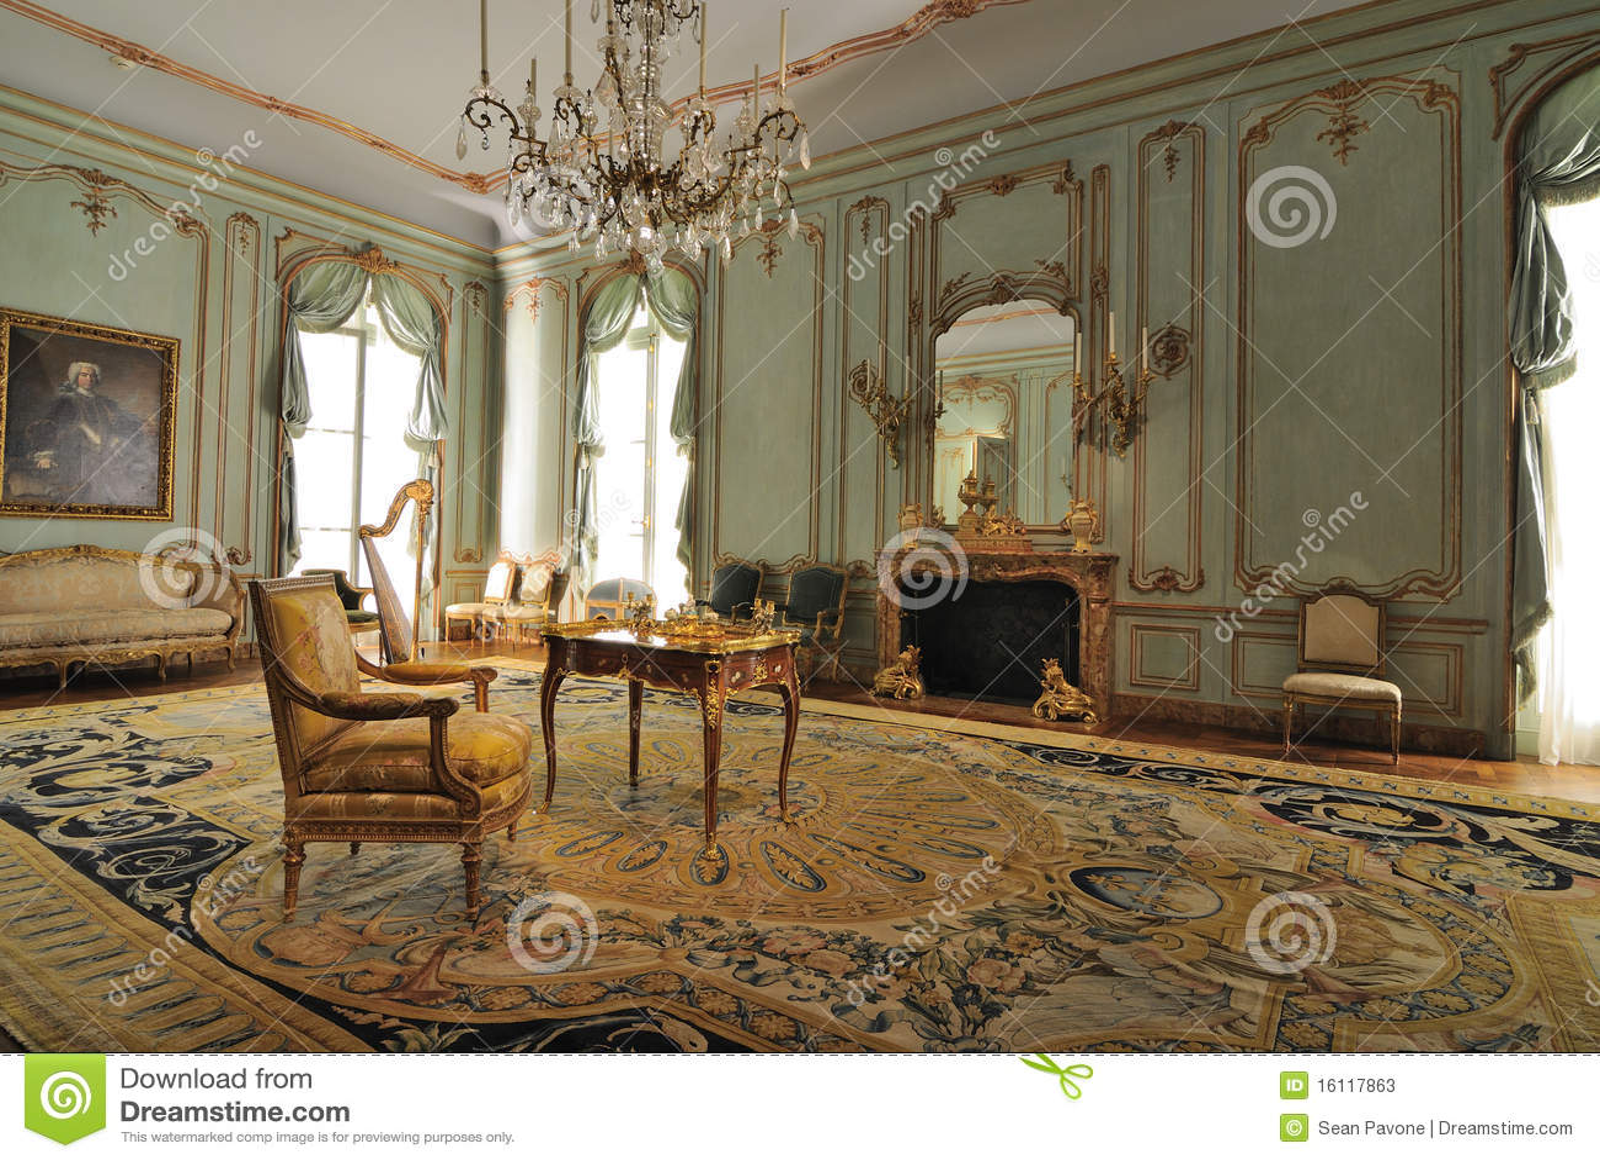 Muebles franceses fotografía editorial. Imagen de atracción - 15909942